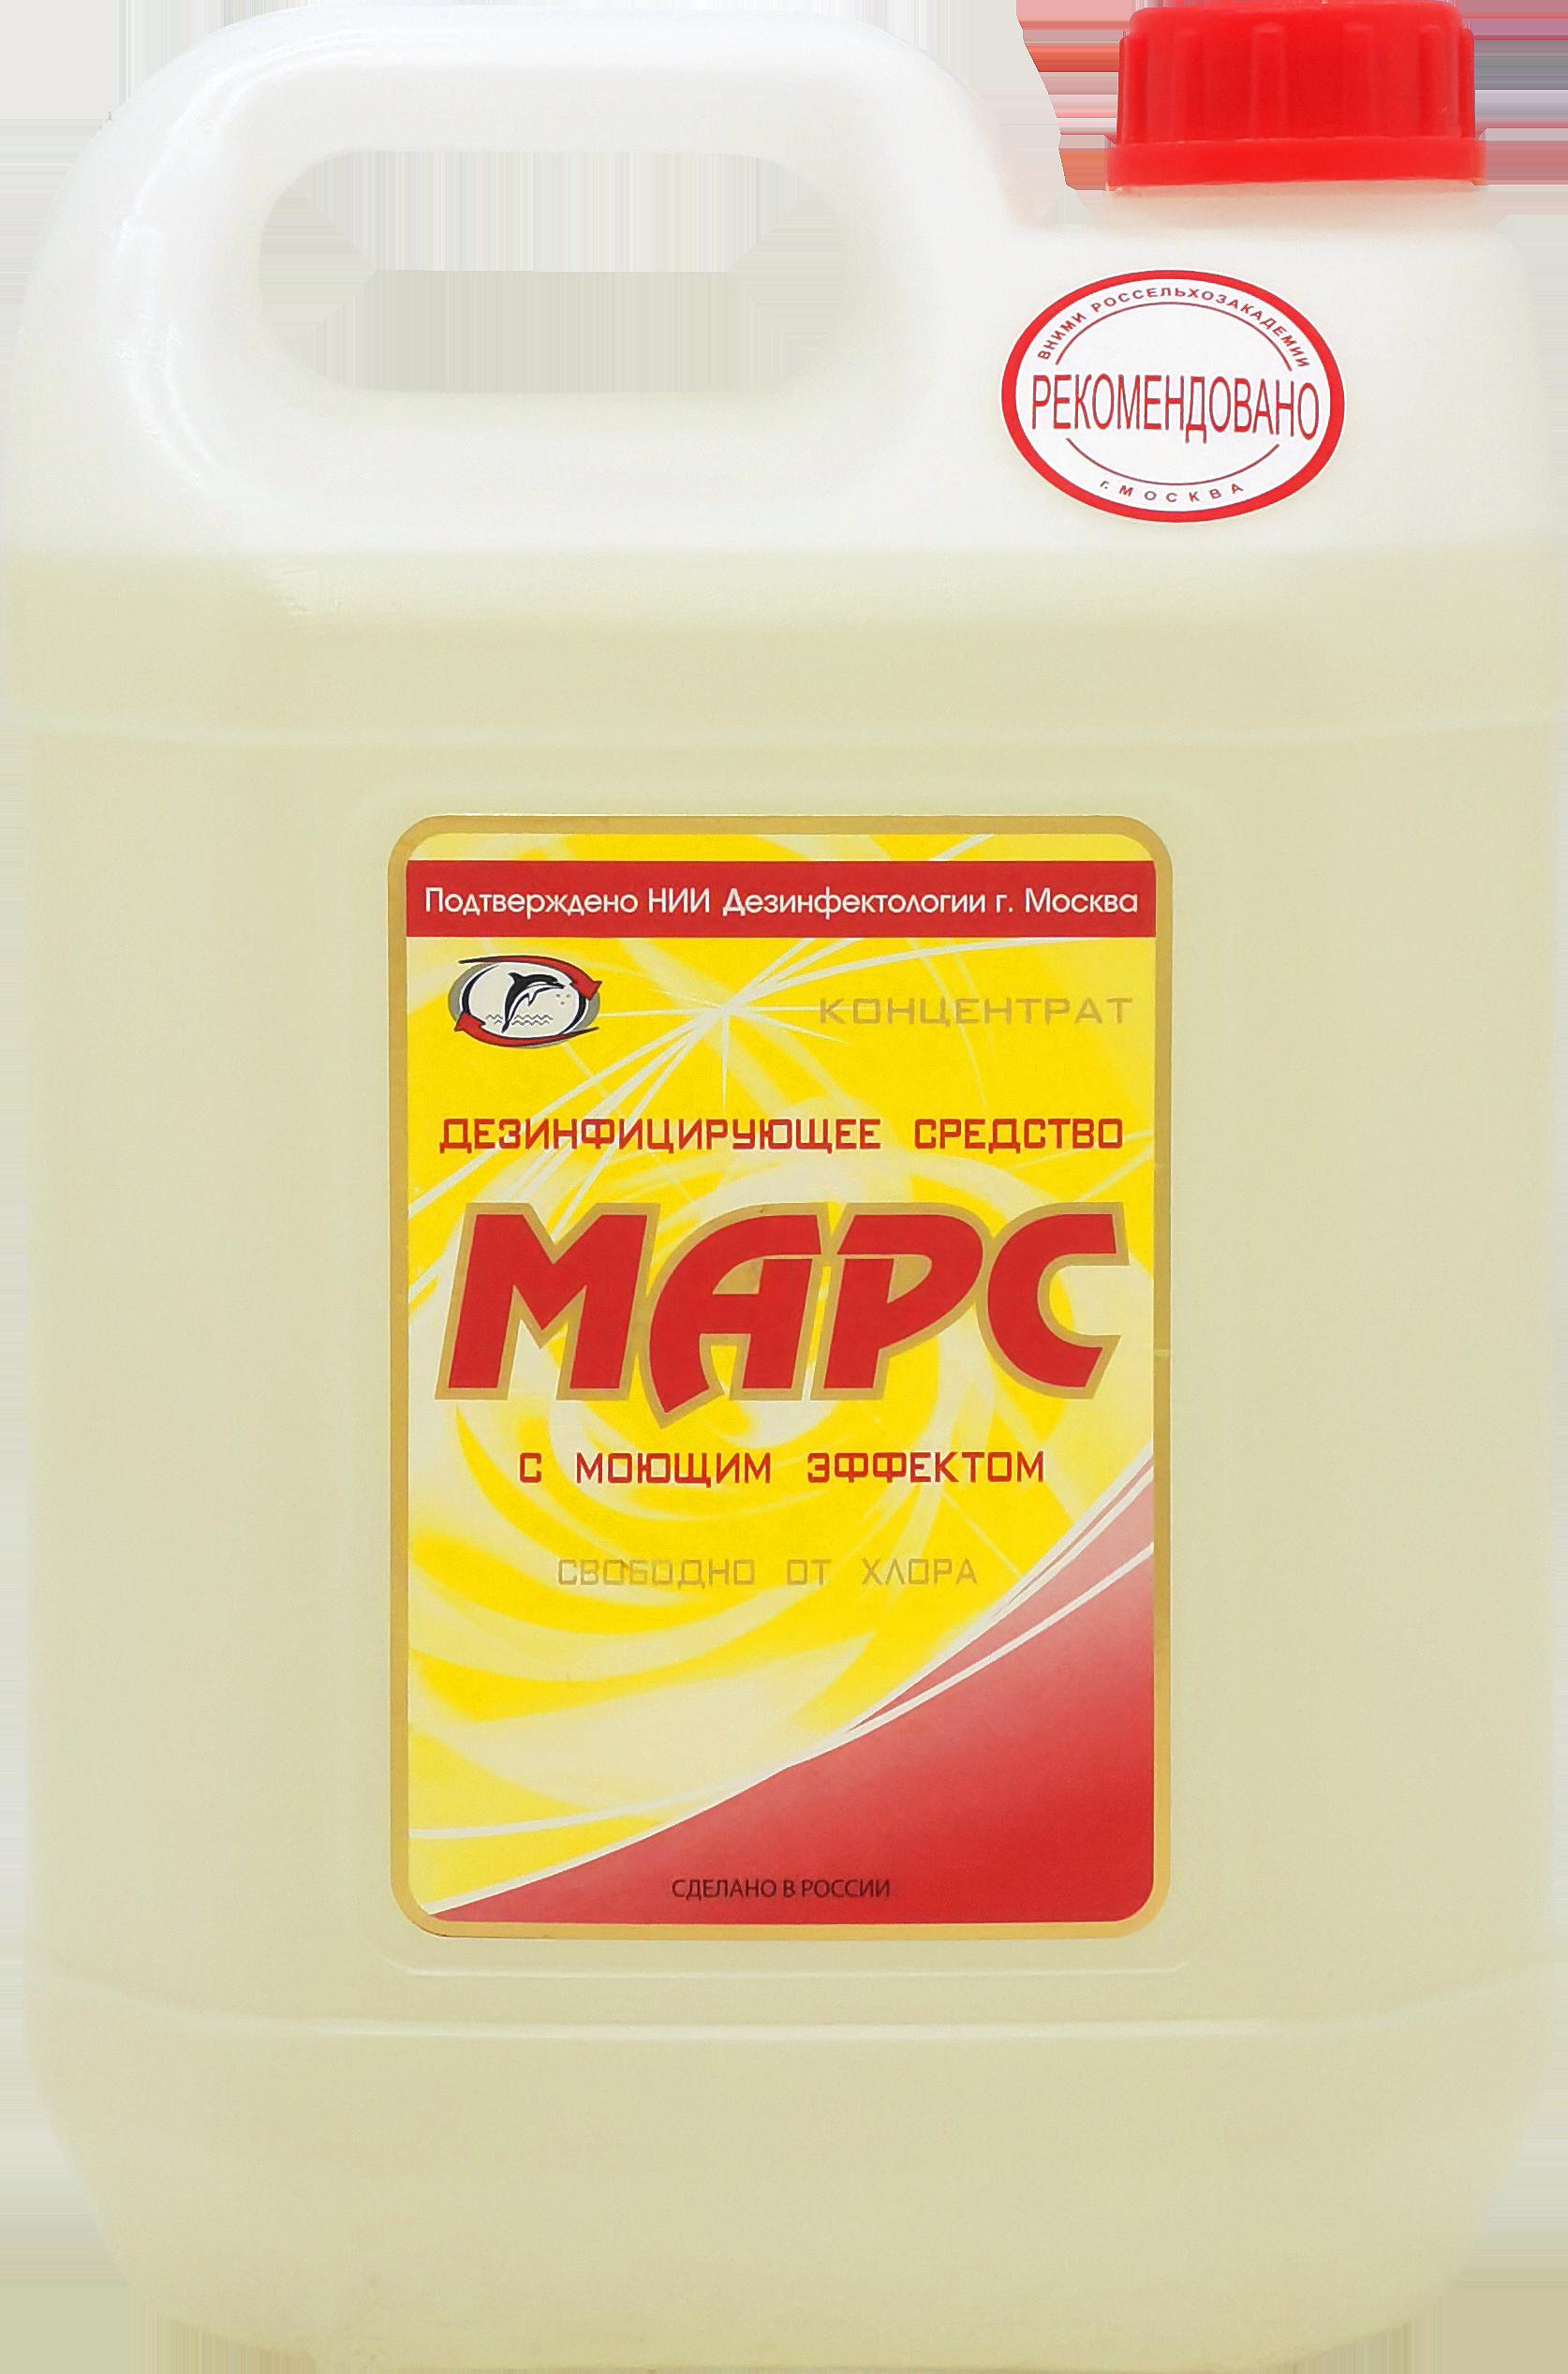 «МАРС»  Дезинфицирующее средство с моющим эффектом (концентрат)